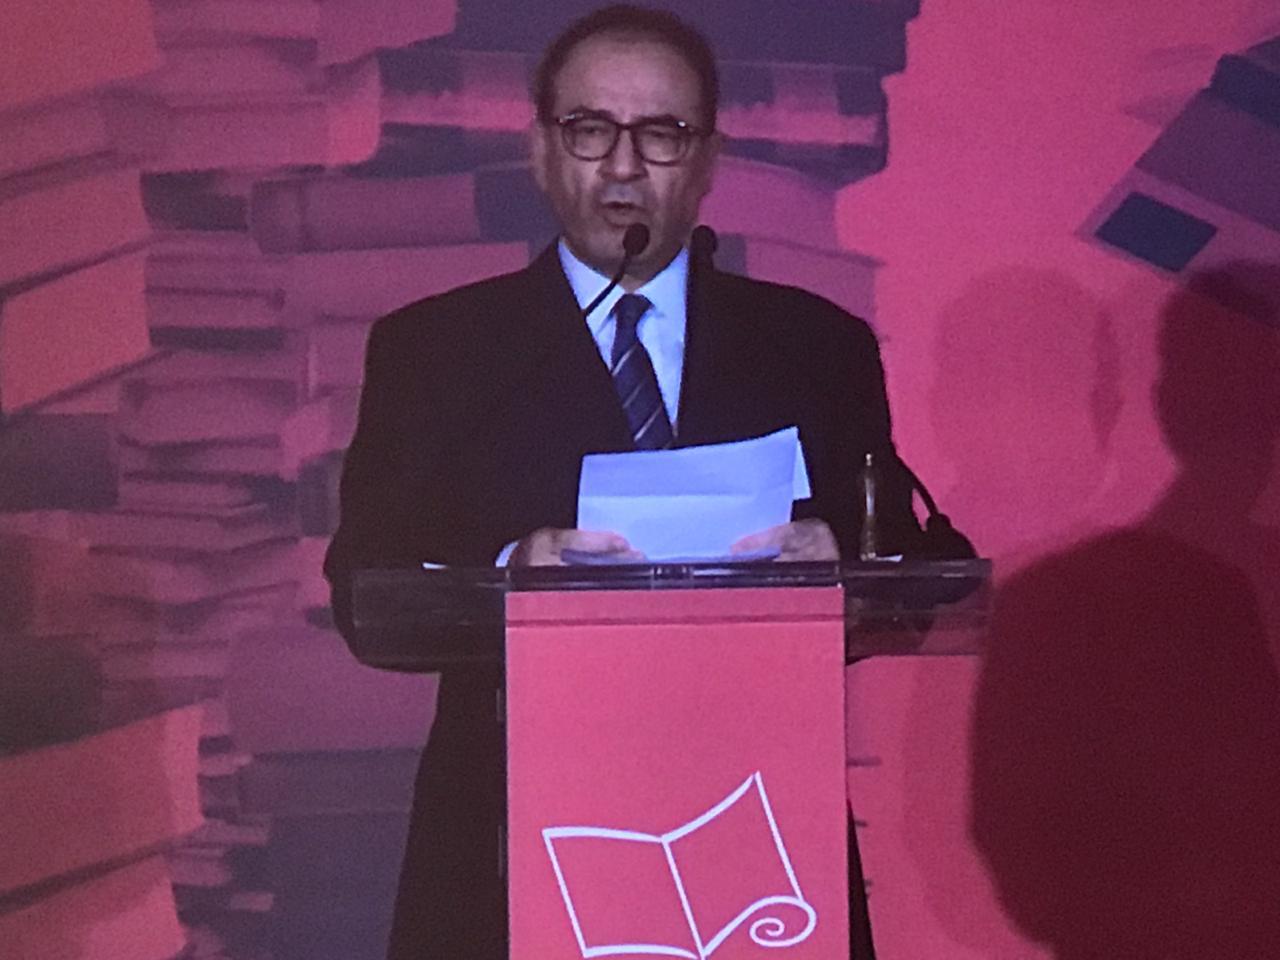 حفل إعلان الرواية الفائزة جائزة البوكر 2019 للرواية العربية (2)